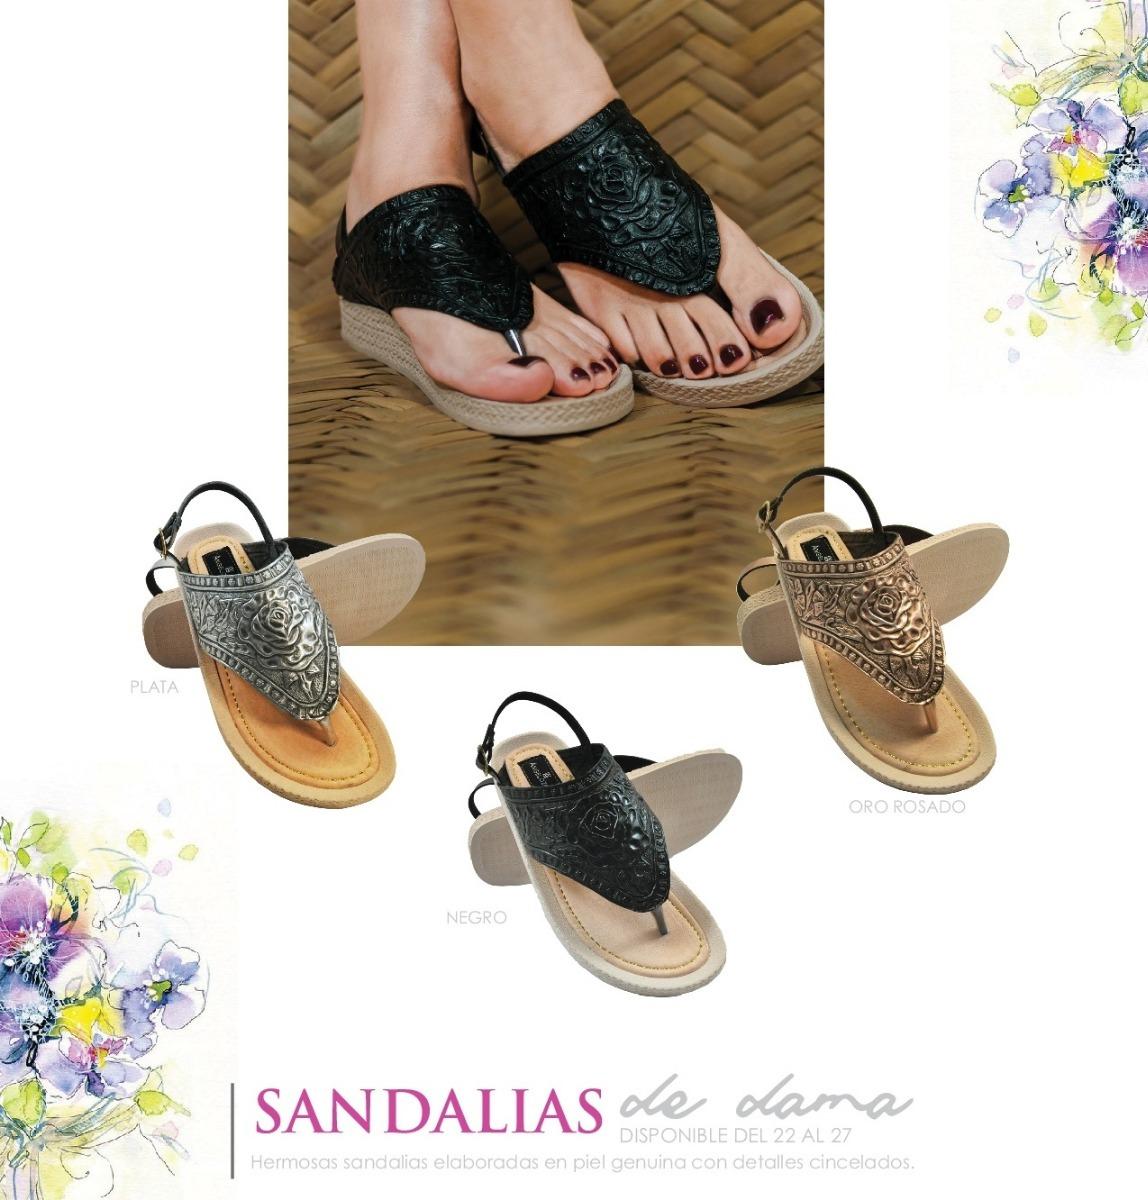 Sandalia Grabado Dama Hermosa Cincelado Env De Piel Y Gratis QxdoeBWrC